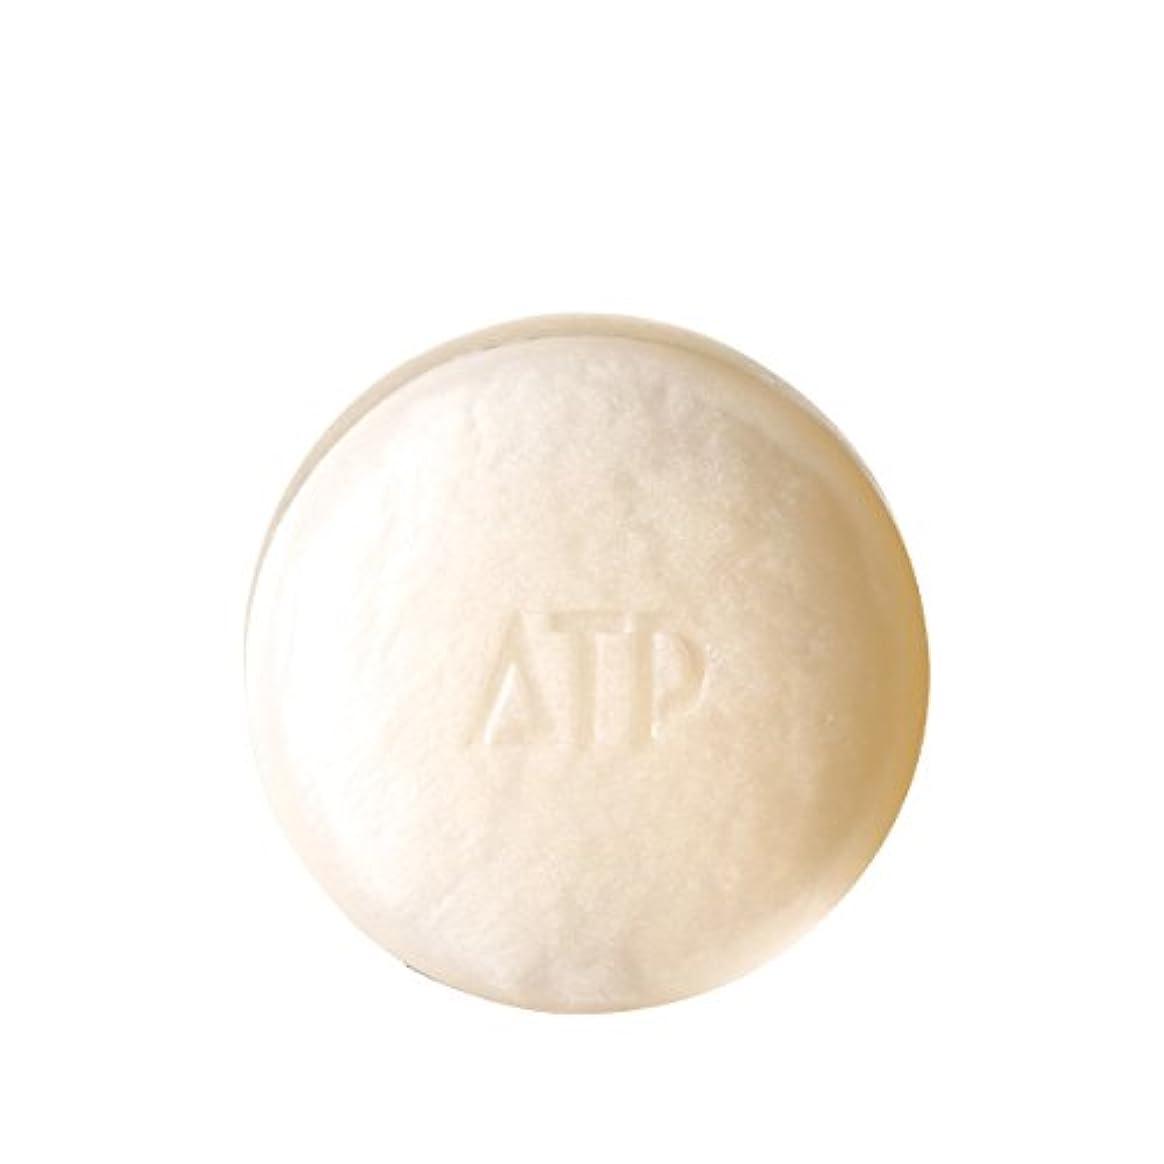 ヒギンズ自明スピンラシンシア ATP デリケアソープ 100g 【全身用洗浄石けん】